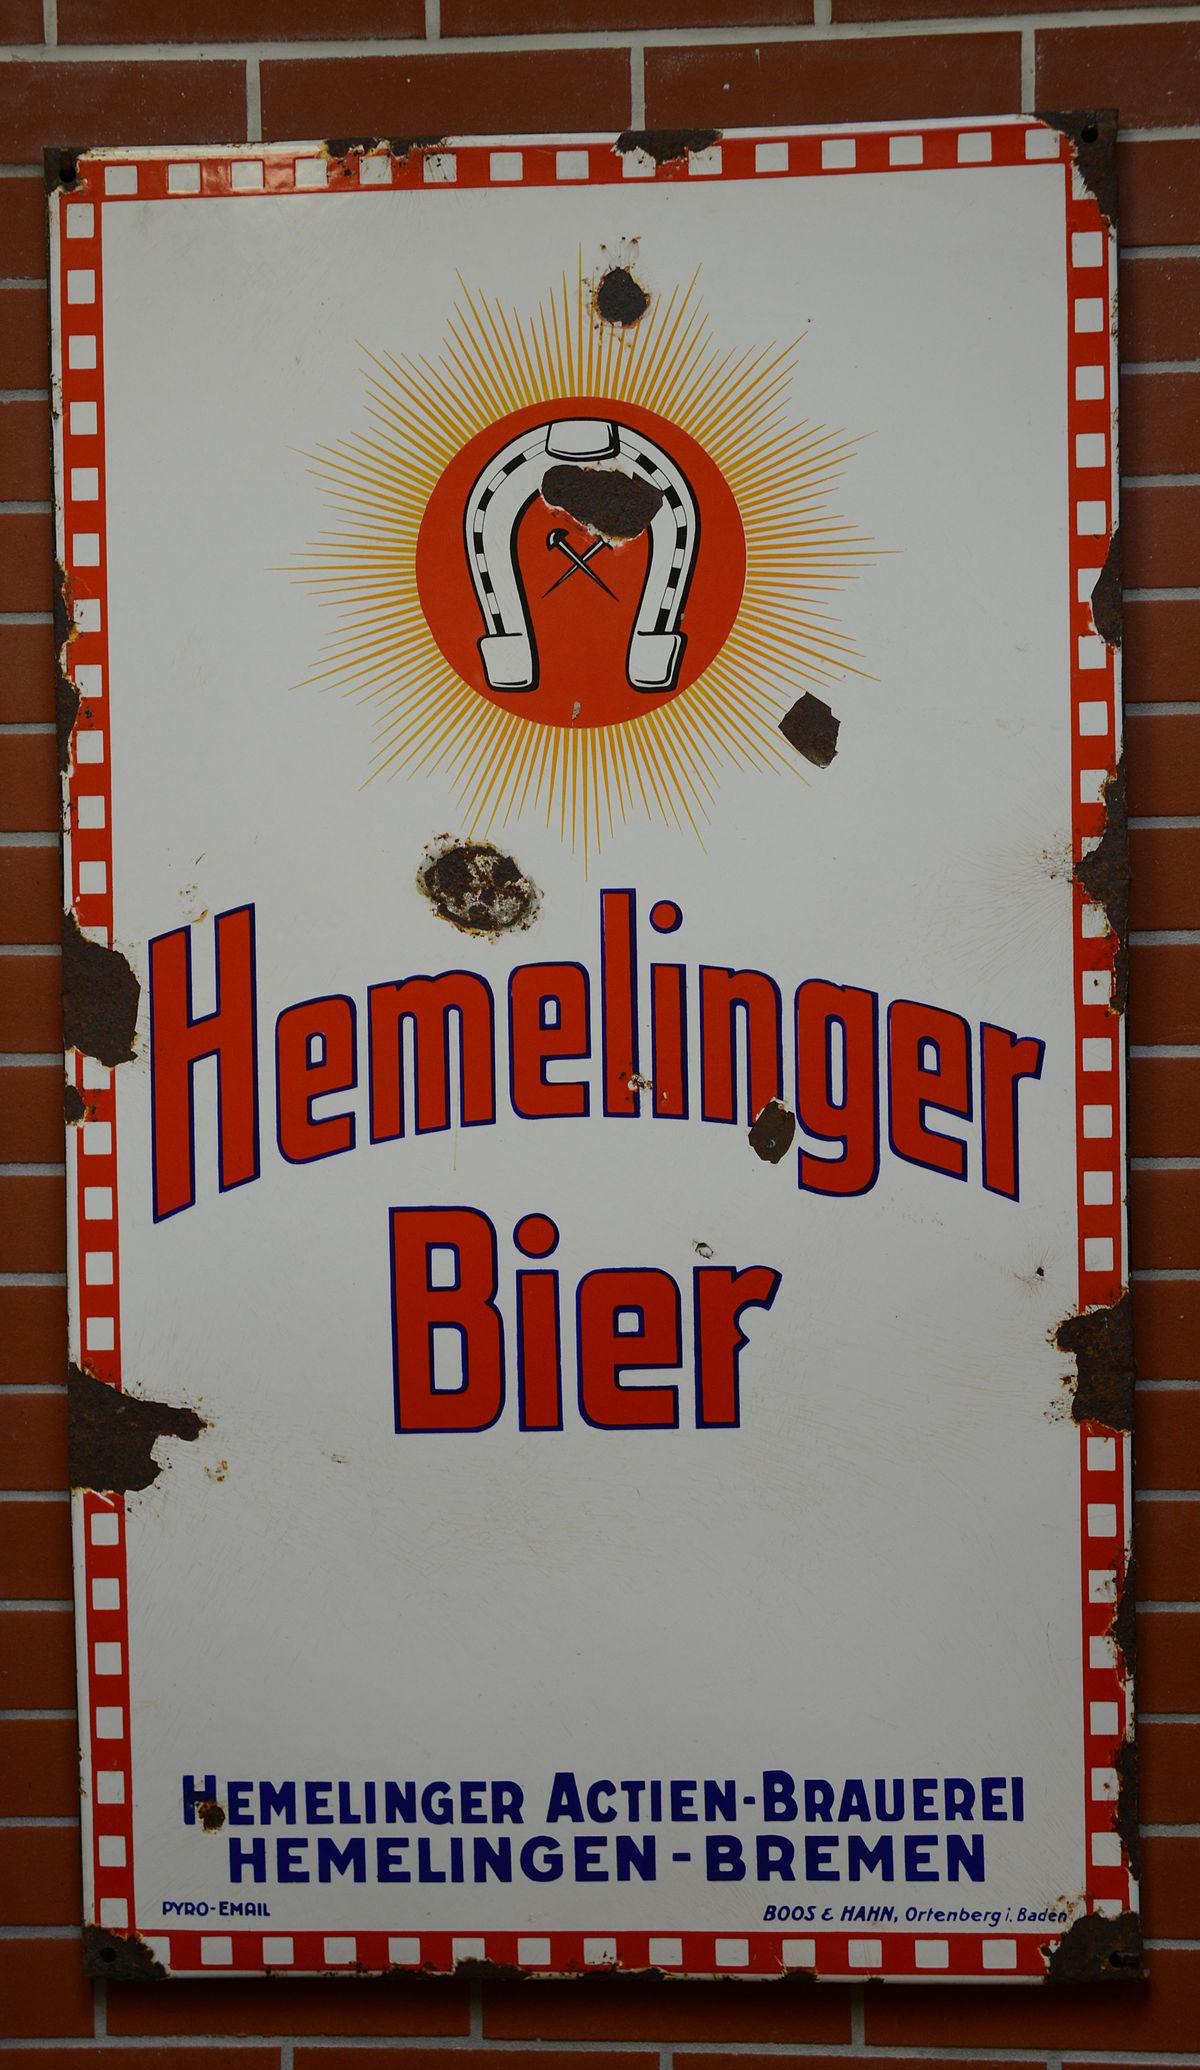 Hemelinger Actien Brauerei – Wikipedia